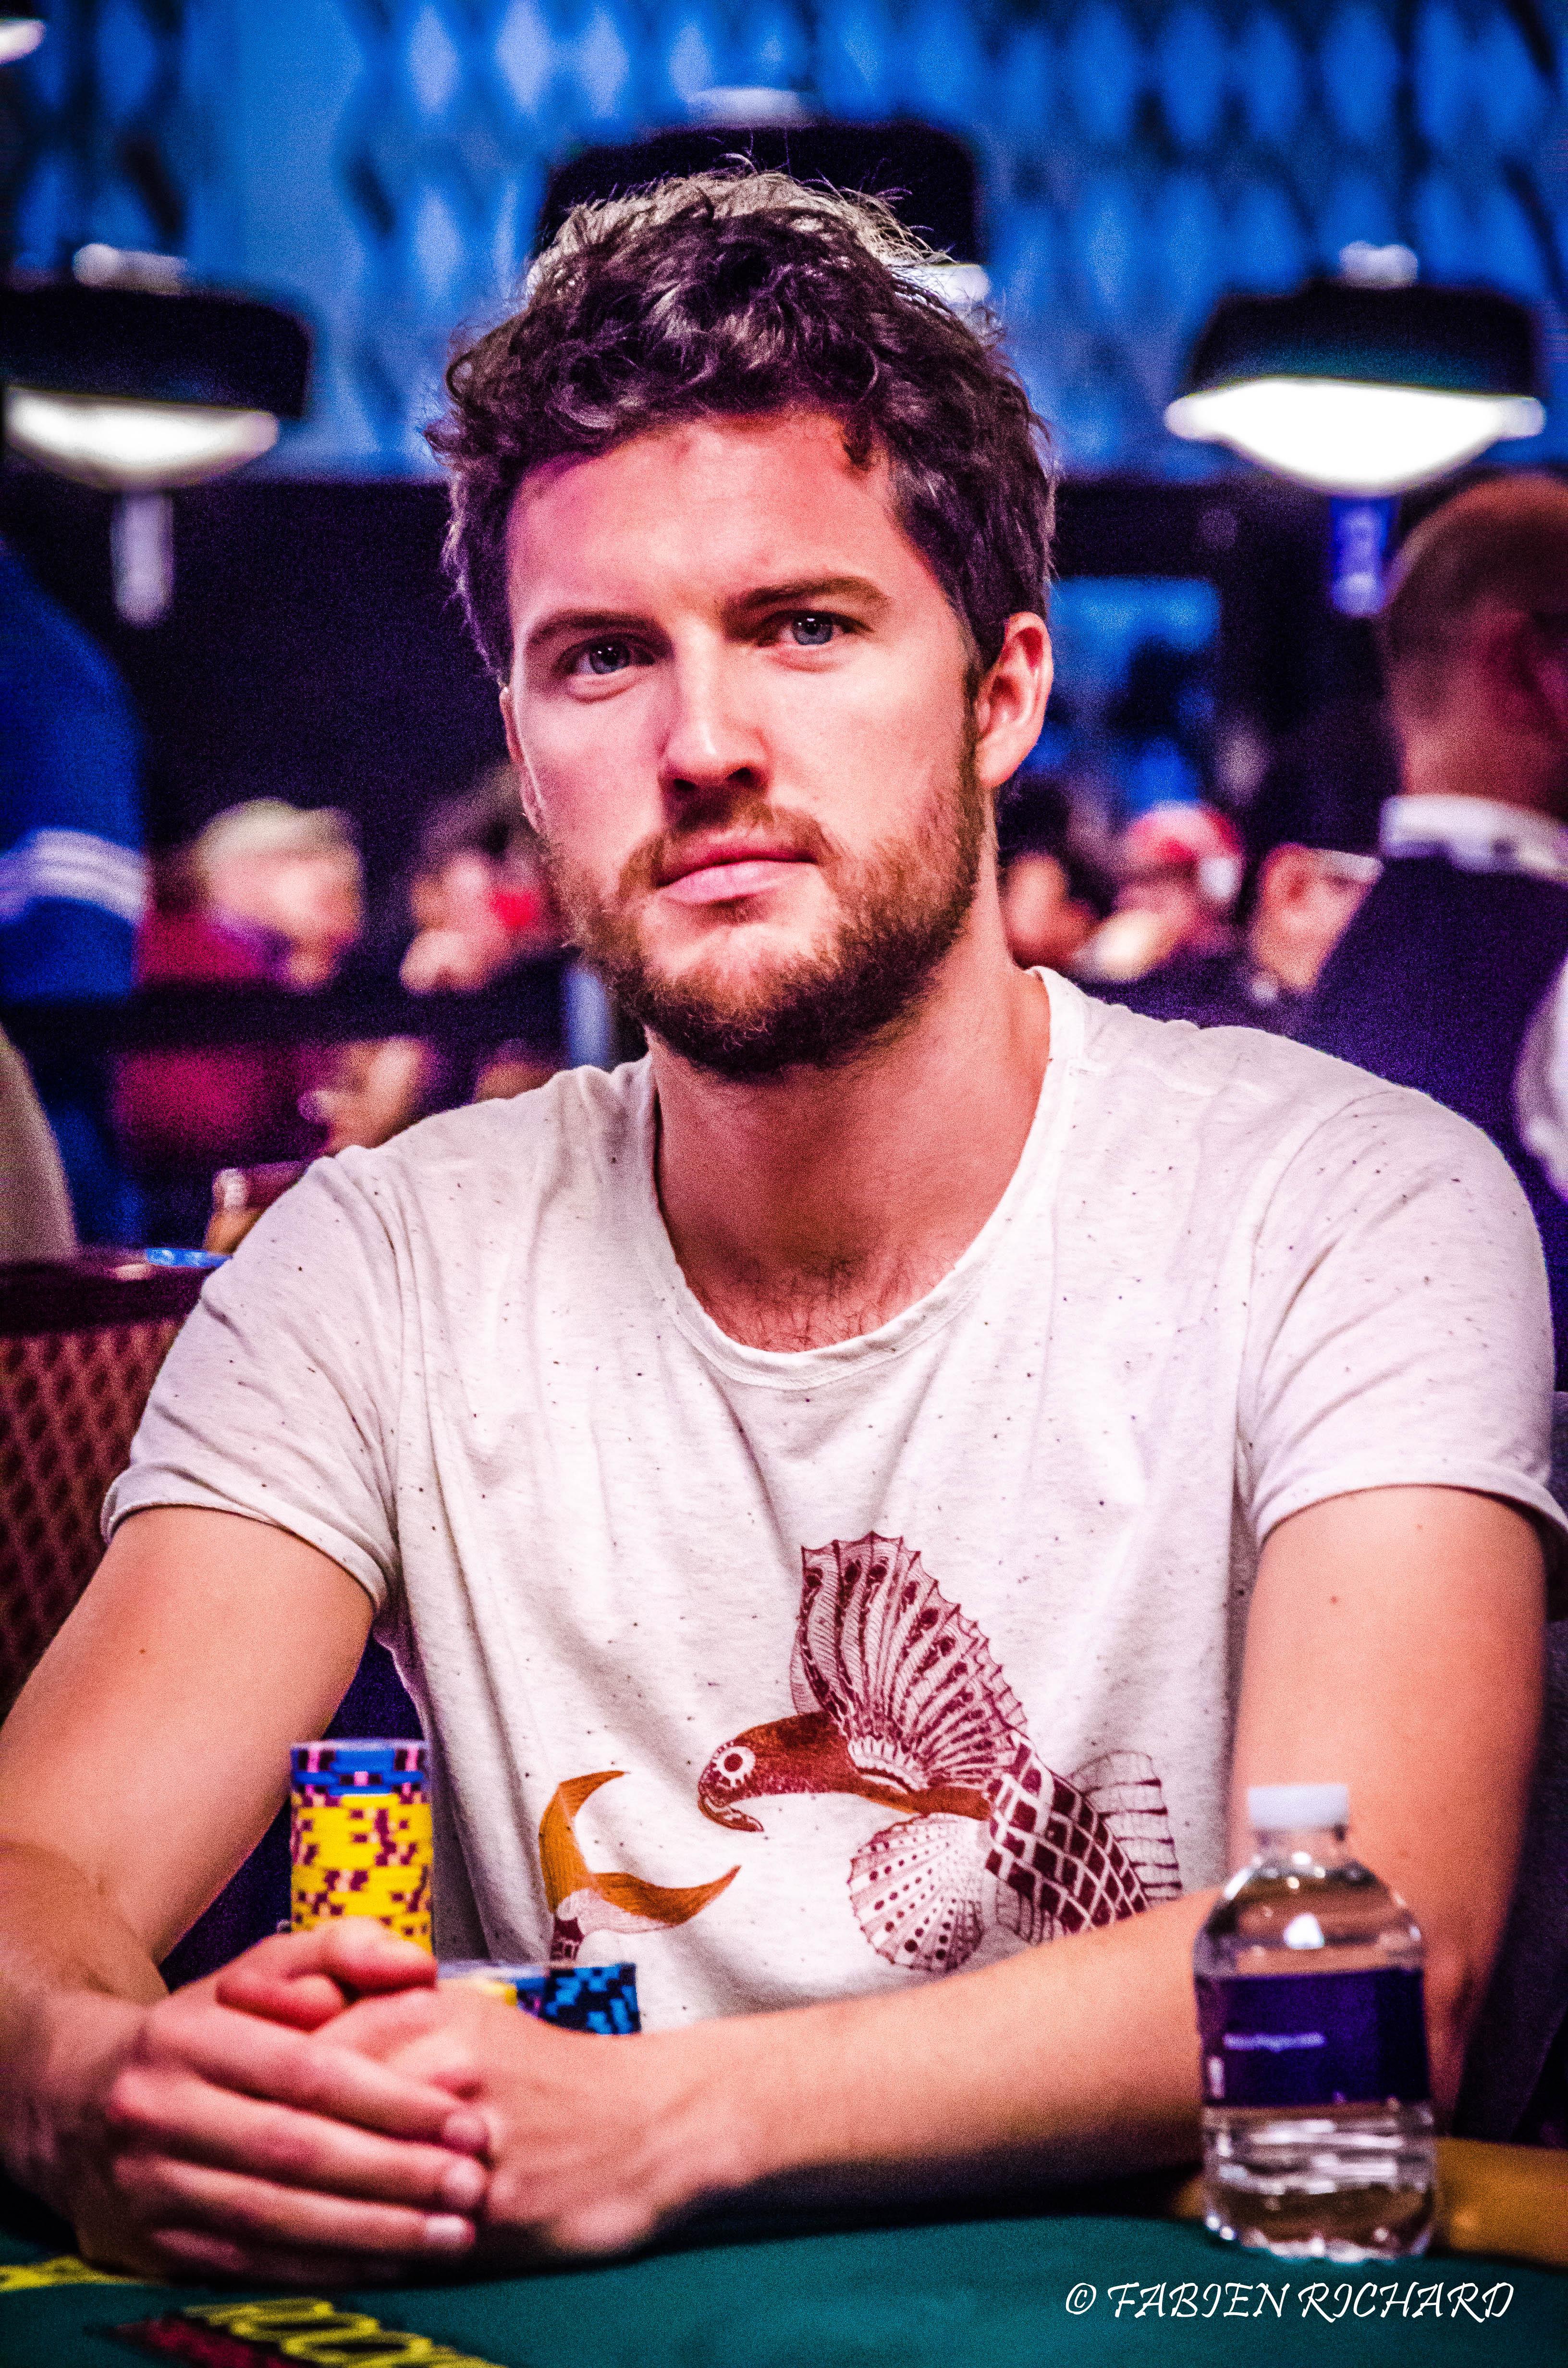 Thomas Boivin photo